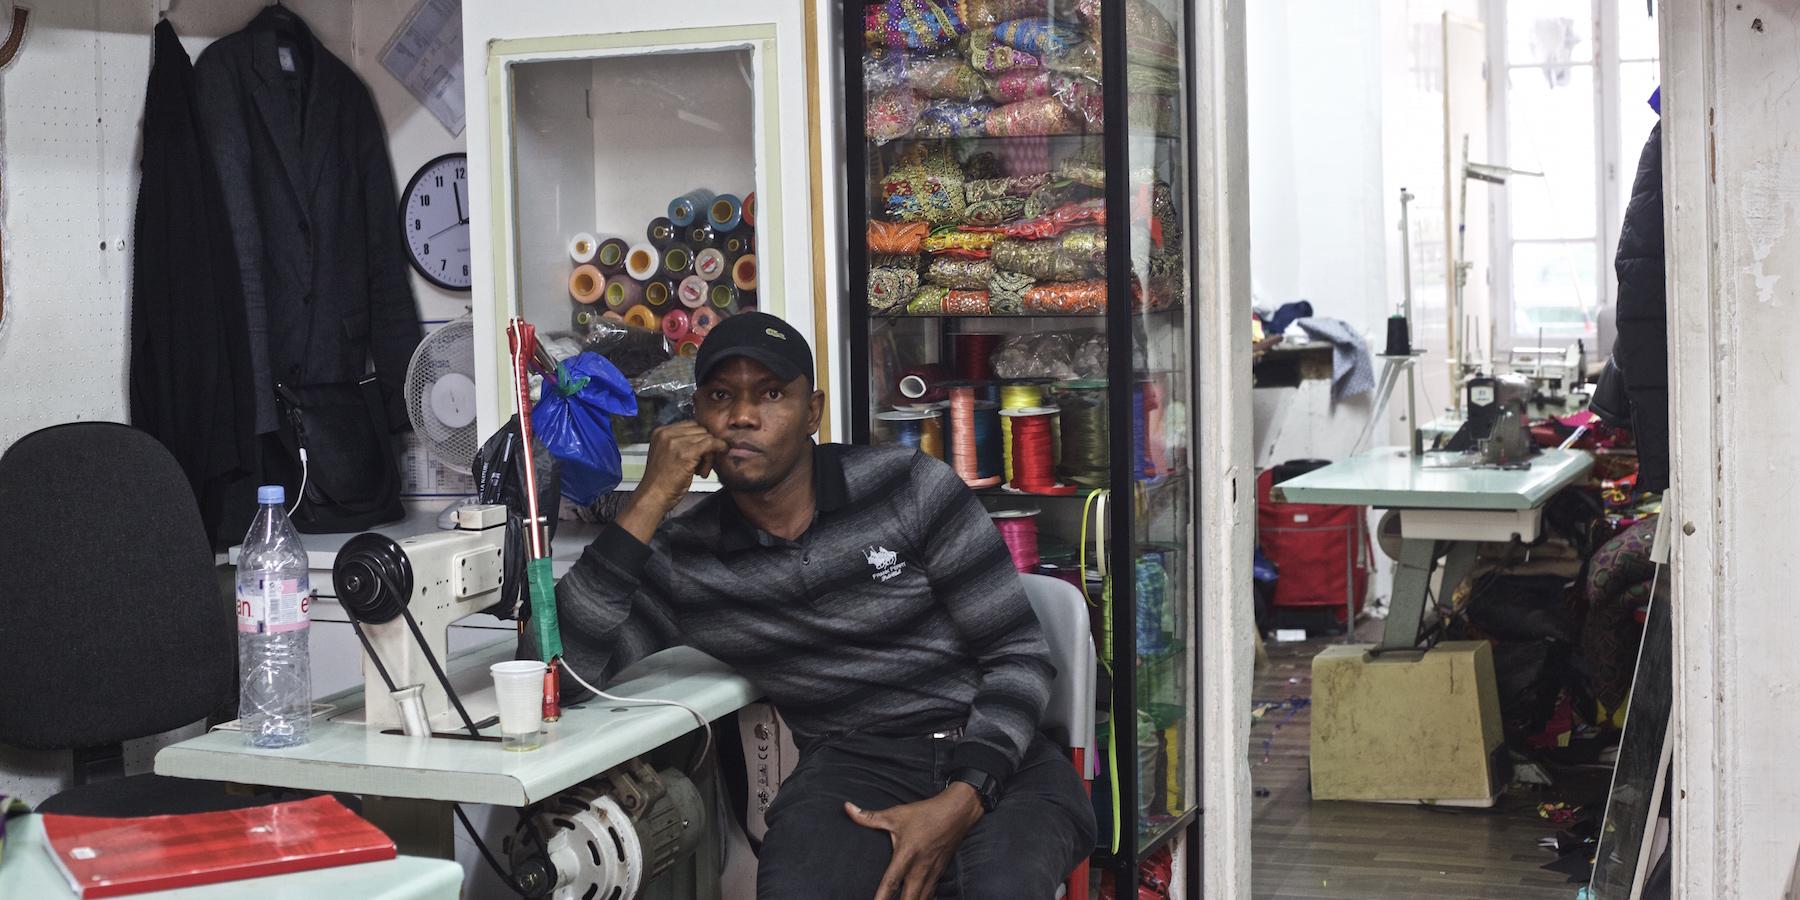 La rue des tailleurs traditionnels africains de la Chapelle